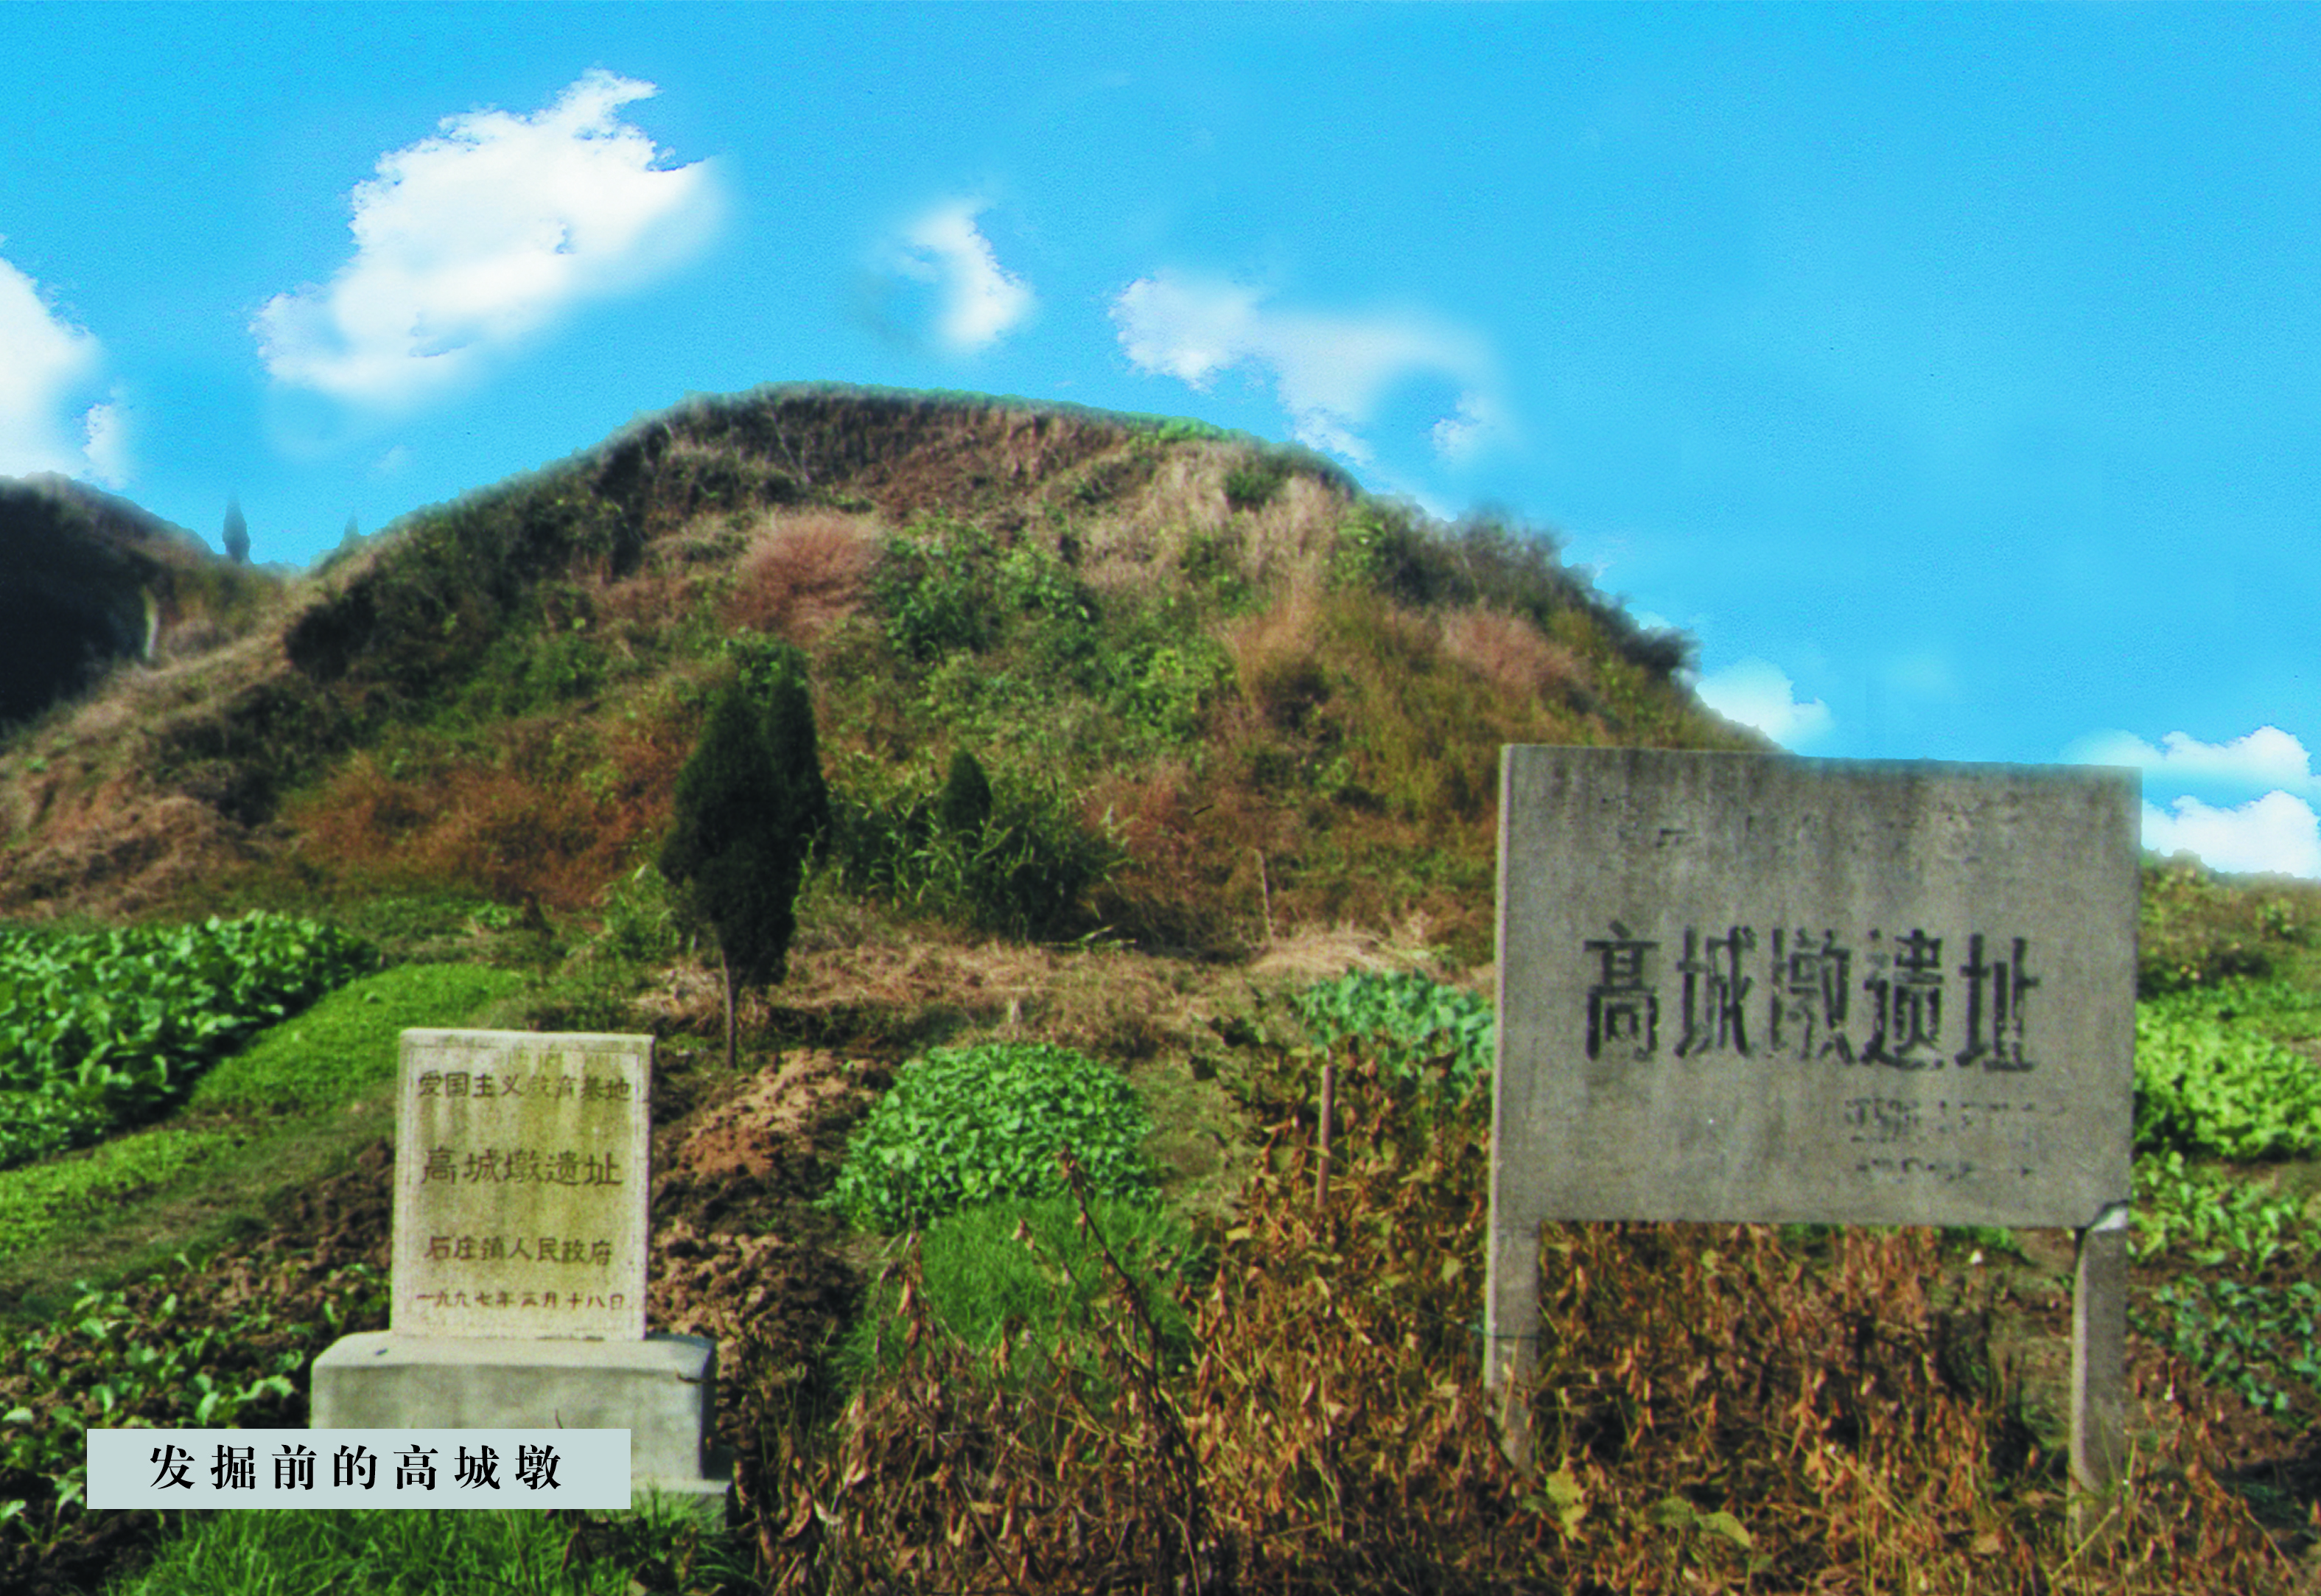 中华文明五千年江阴实证录--写在高城墩良渚文化遗址考古20年之际